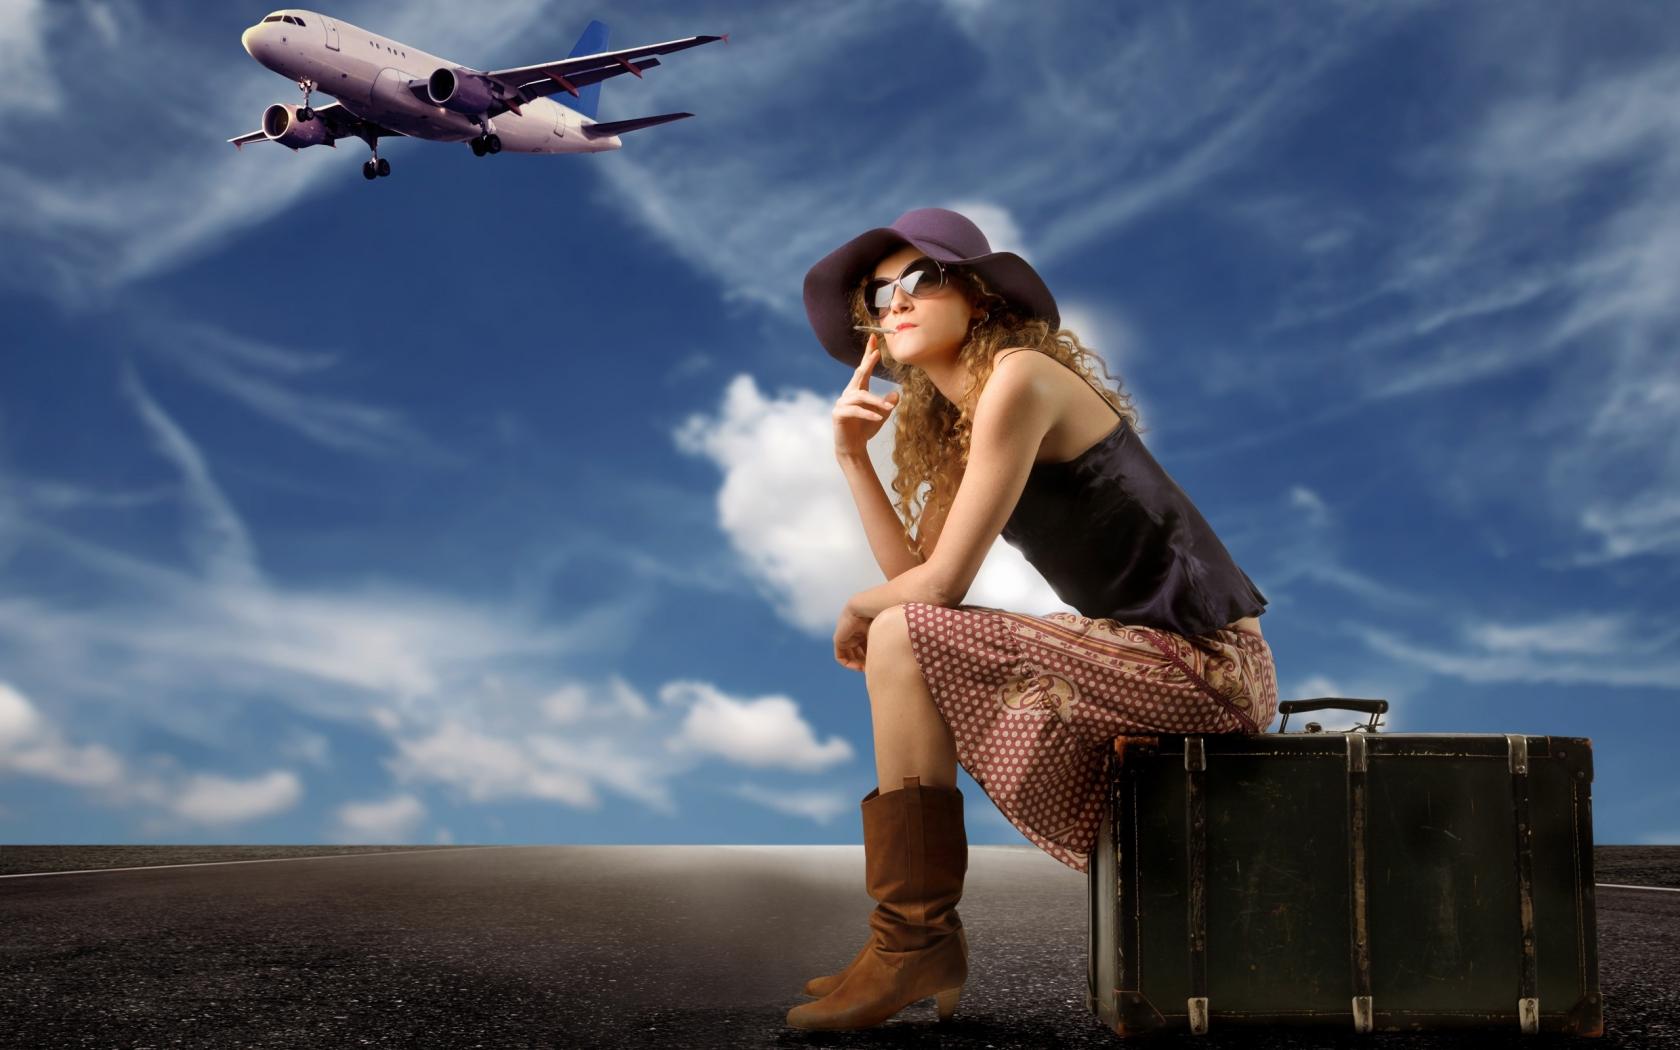 Una chica viajera y sus maletas - 1680x1050